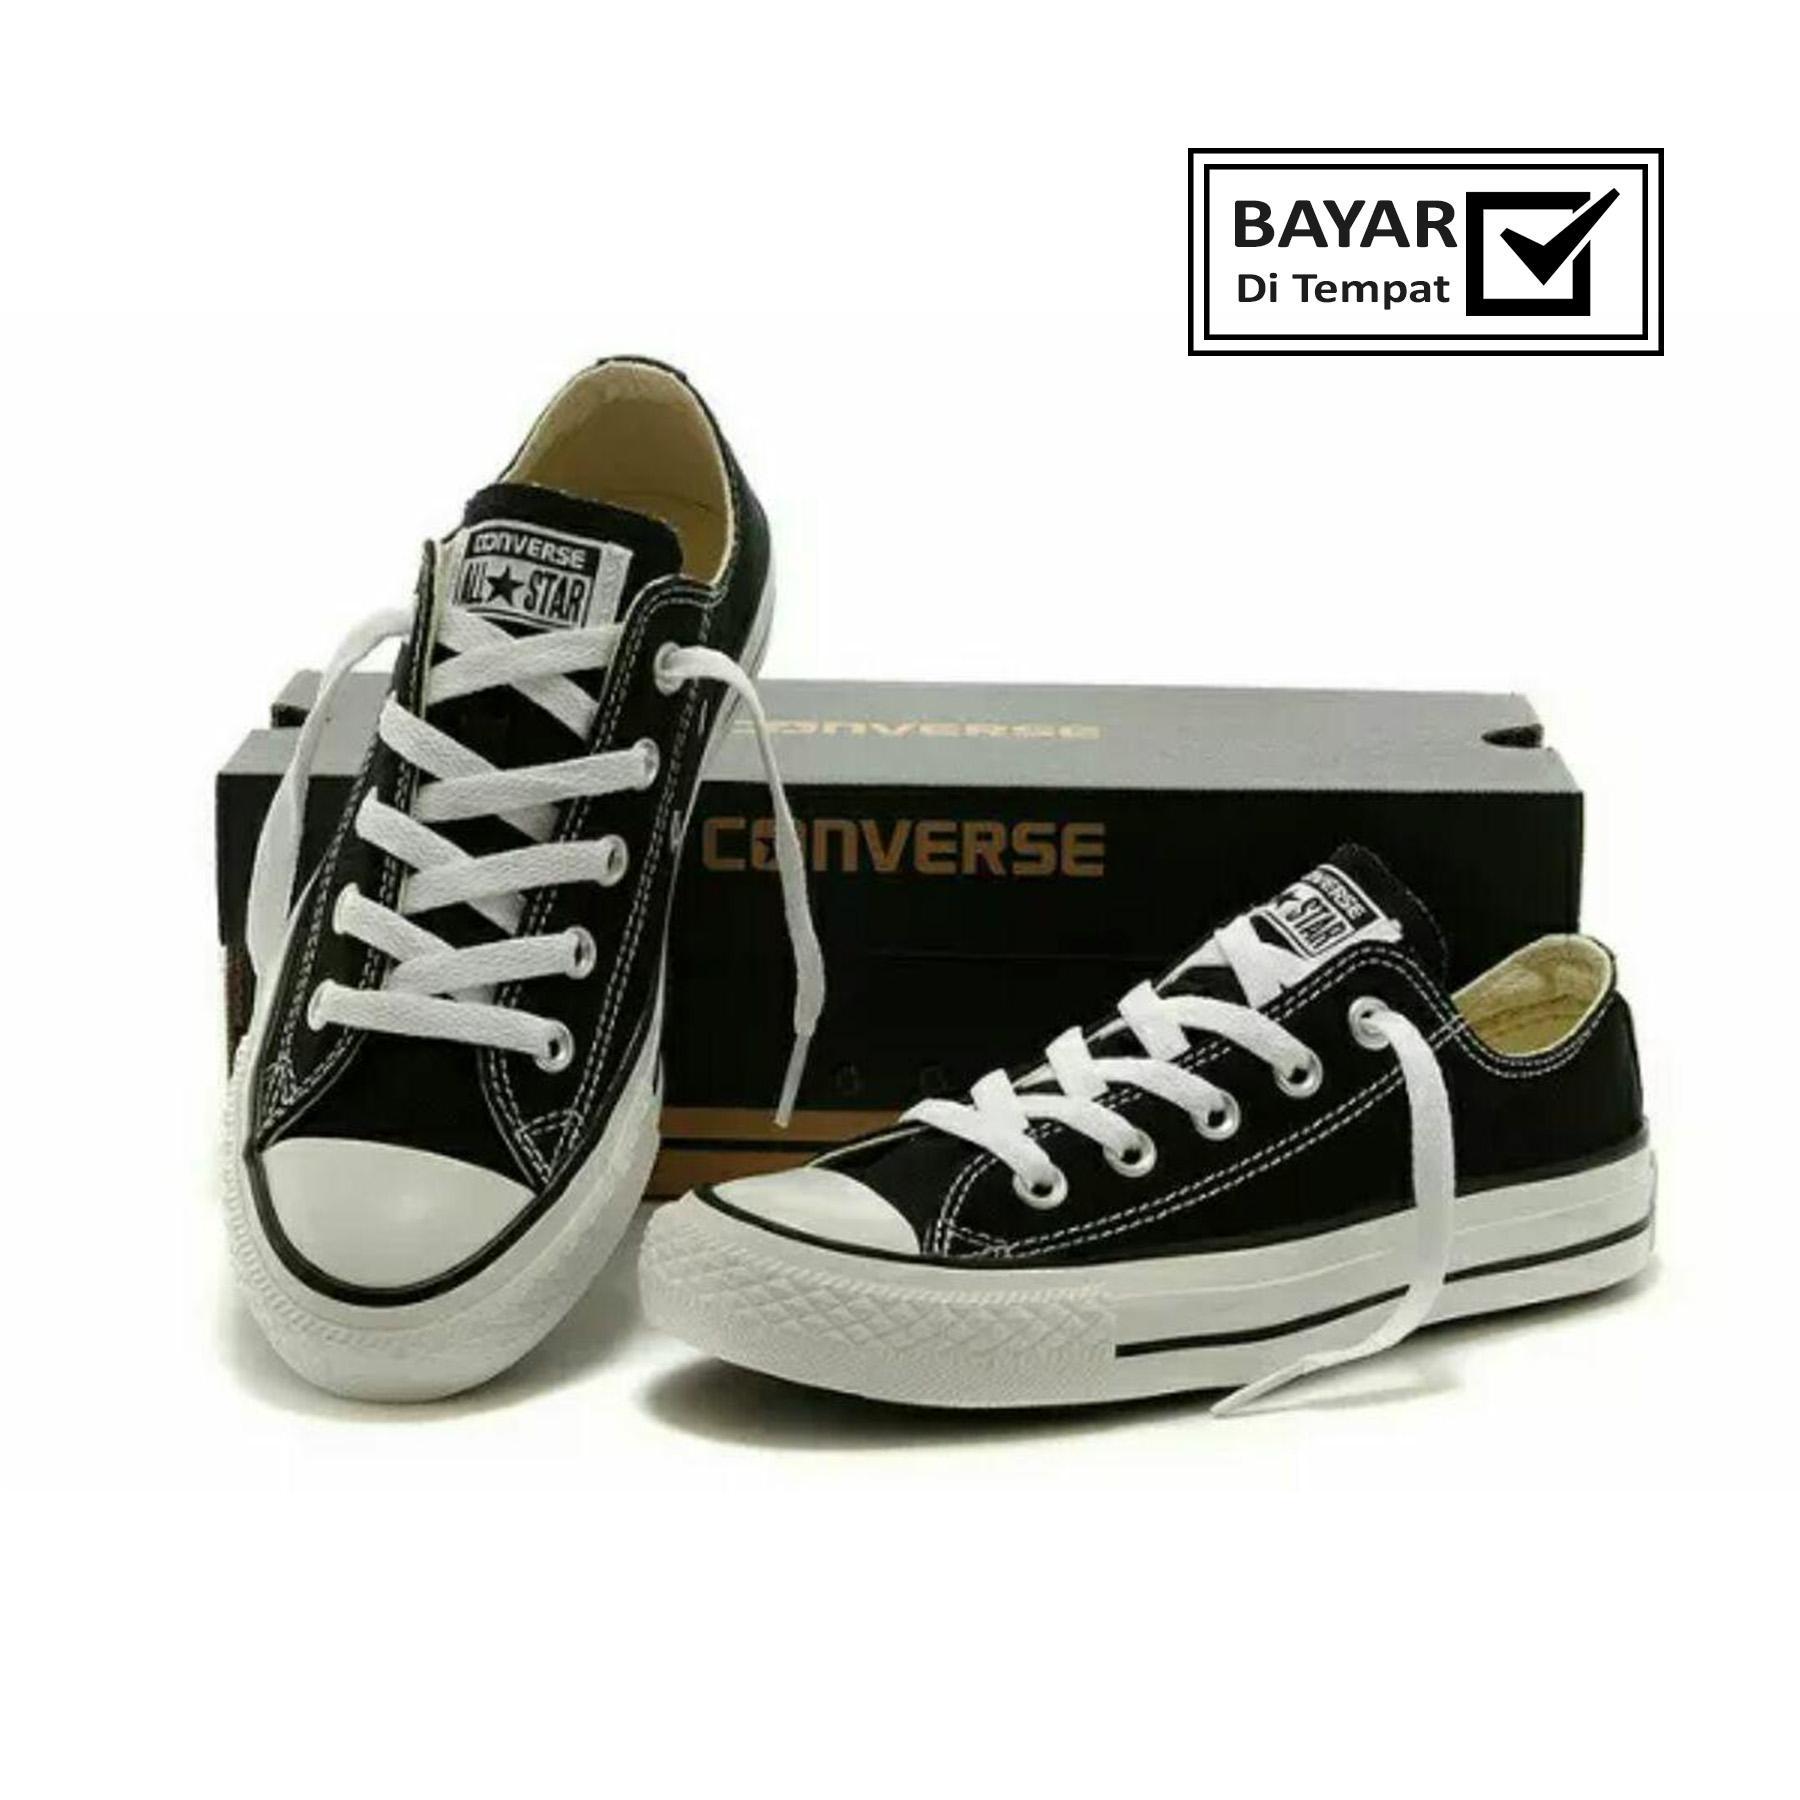 Faster Sepatu Sneakers Kanvas Pria - Hitam/Putih sneakers Cansvas pria dan wanita